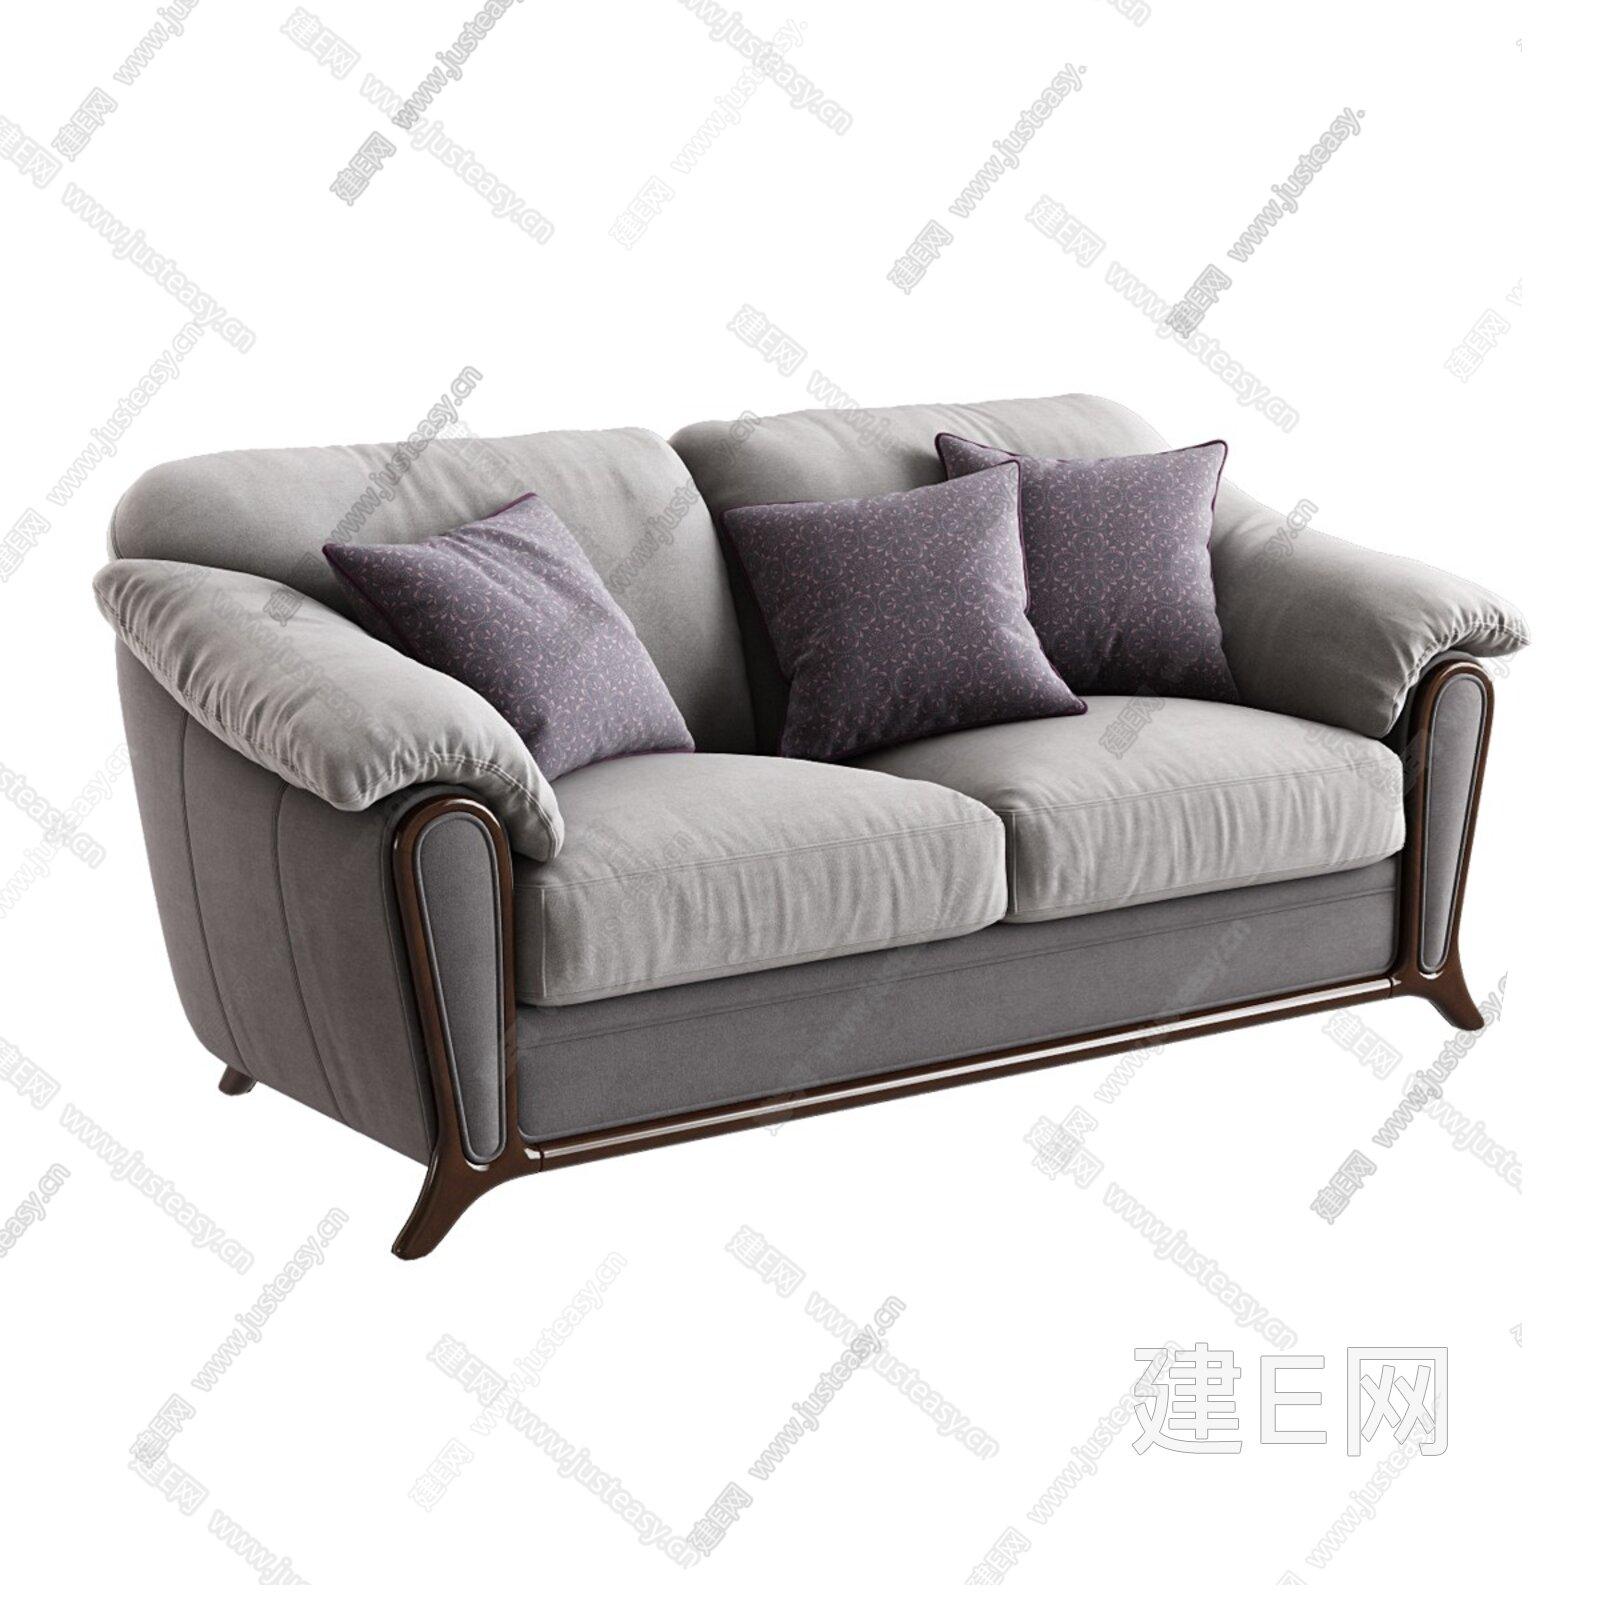 意大利 B&B Italia 现代双人沙发3d模型